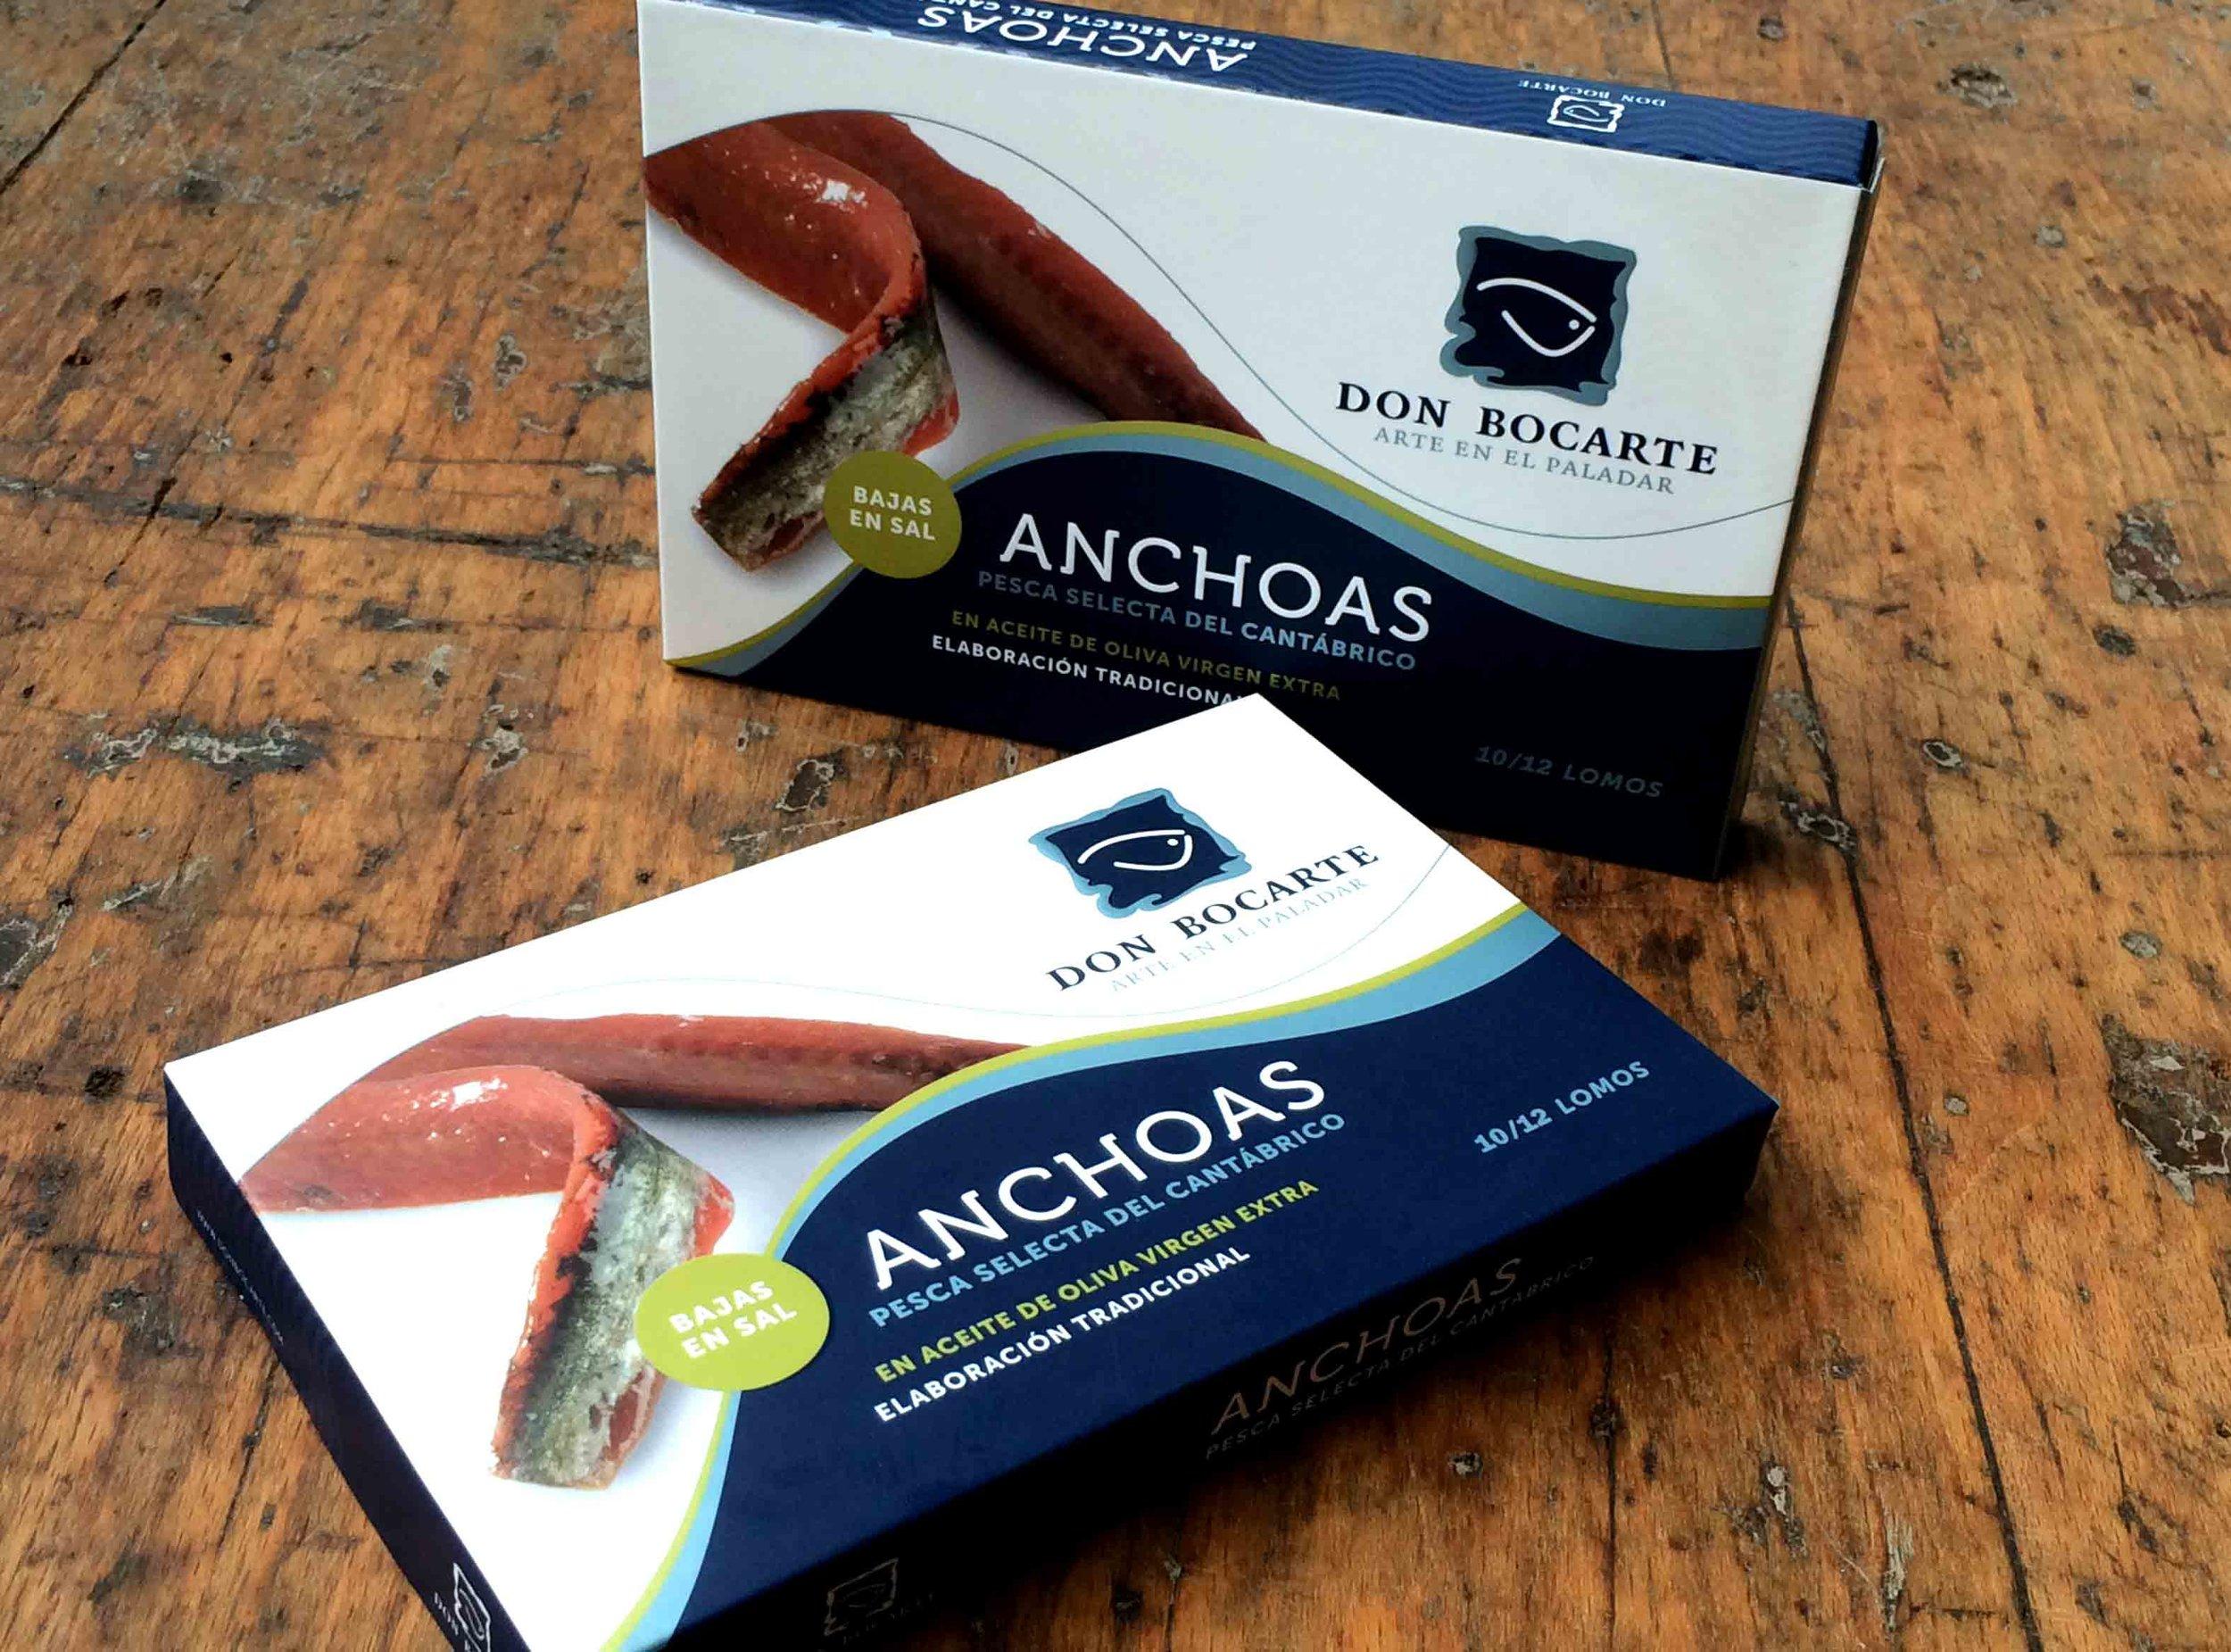 cantabric-anchov-5396845bc02bc.jpg